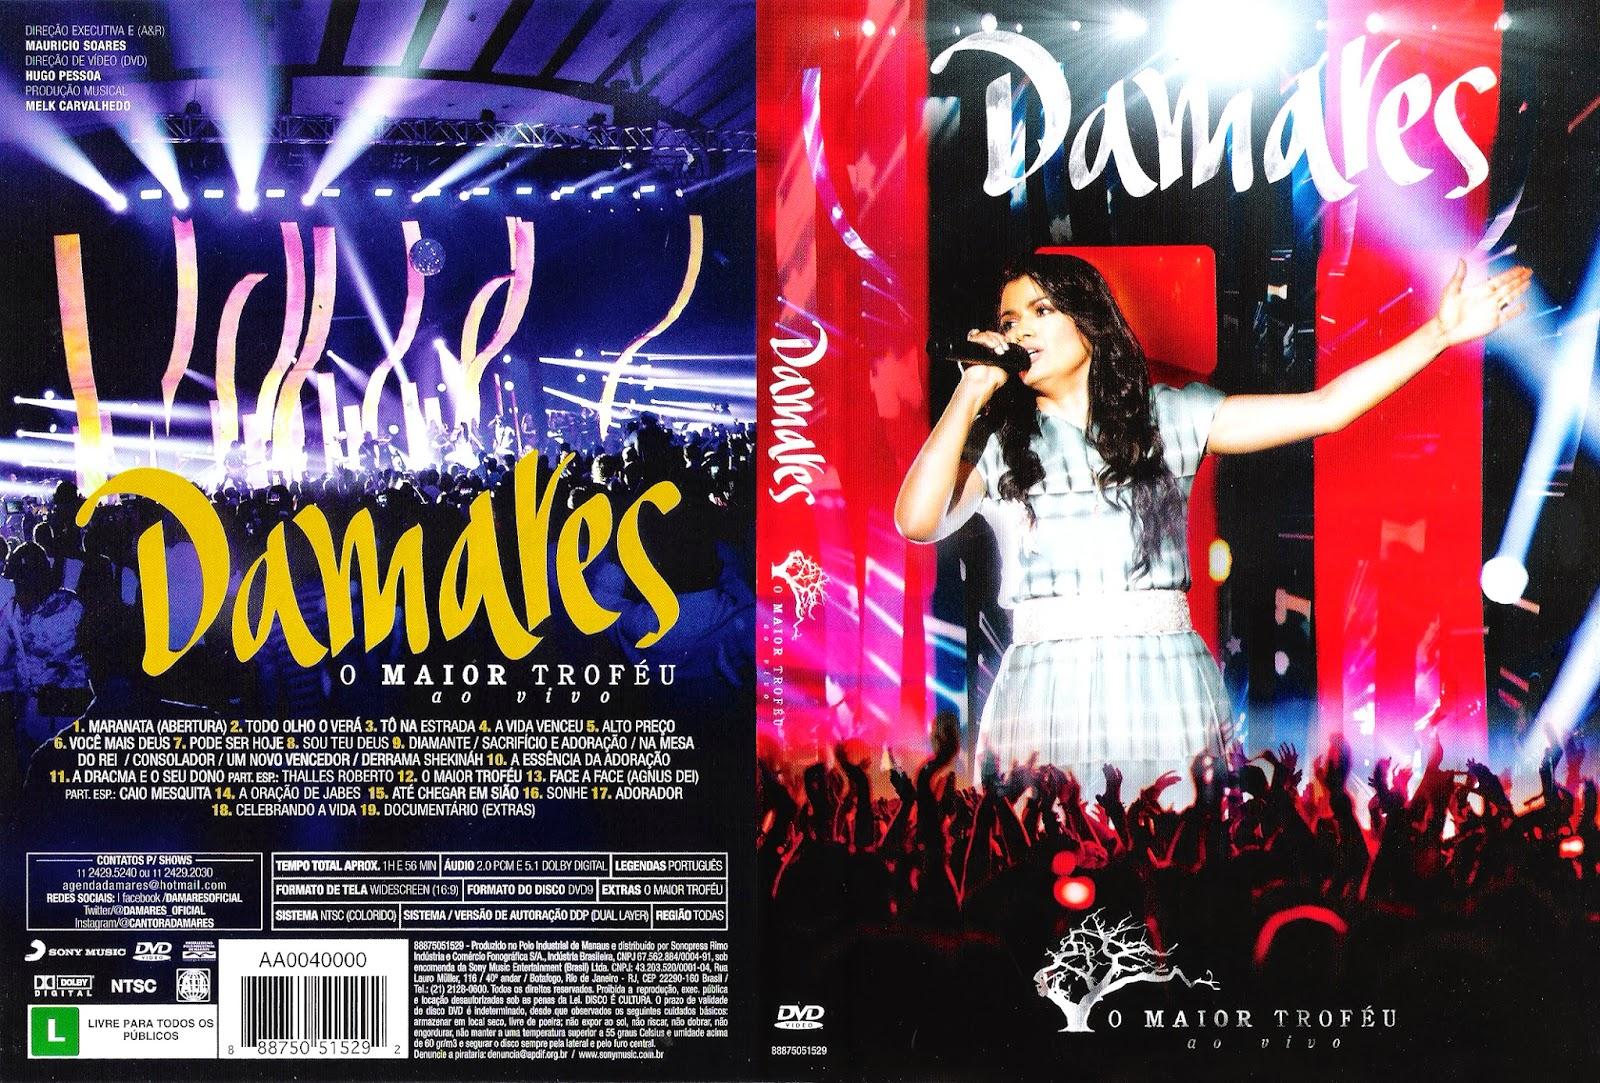 Download Damares O Maior Troféu DVDRip XviD Nacional Damares 2B  2BO 2BMaior 2BTrof C3 A9u 2B  2BAo 2BVivo